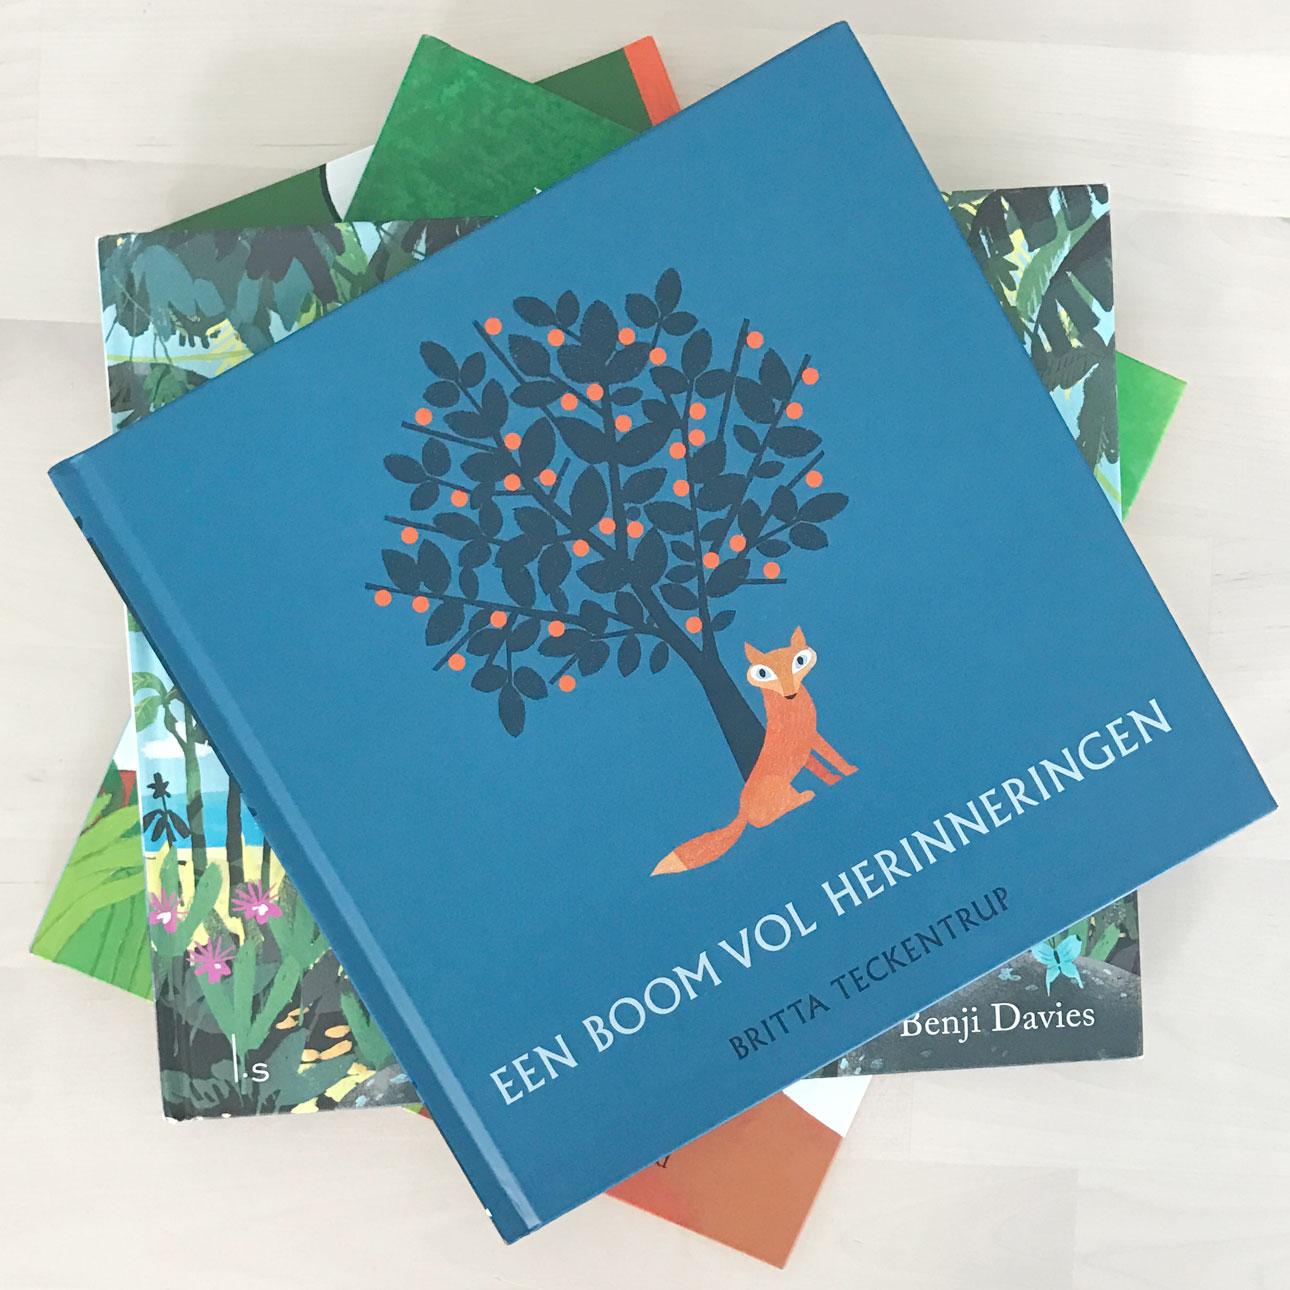 peuter-rouwverwerking-boeken-tips-boom-vol-herinneringen